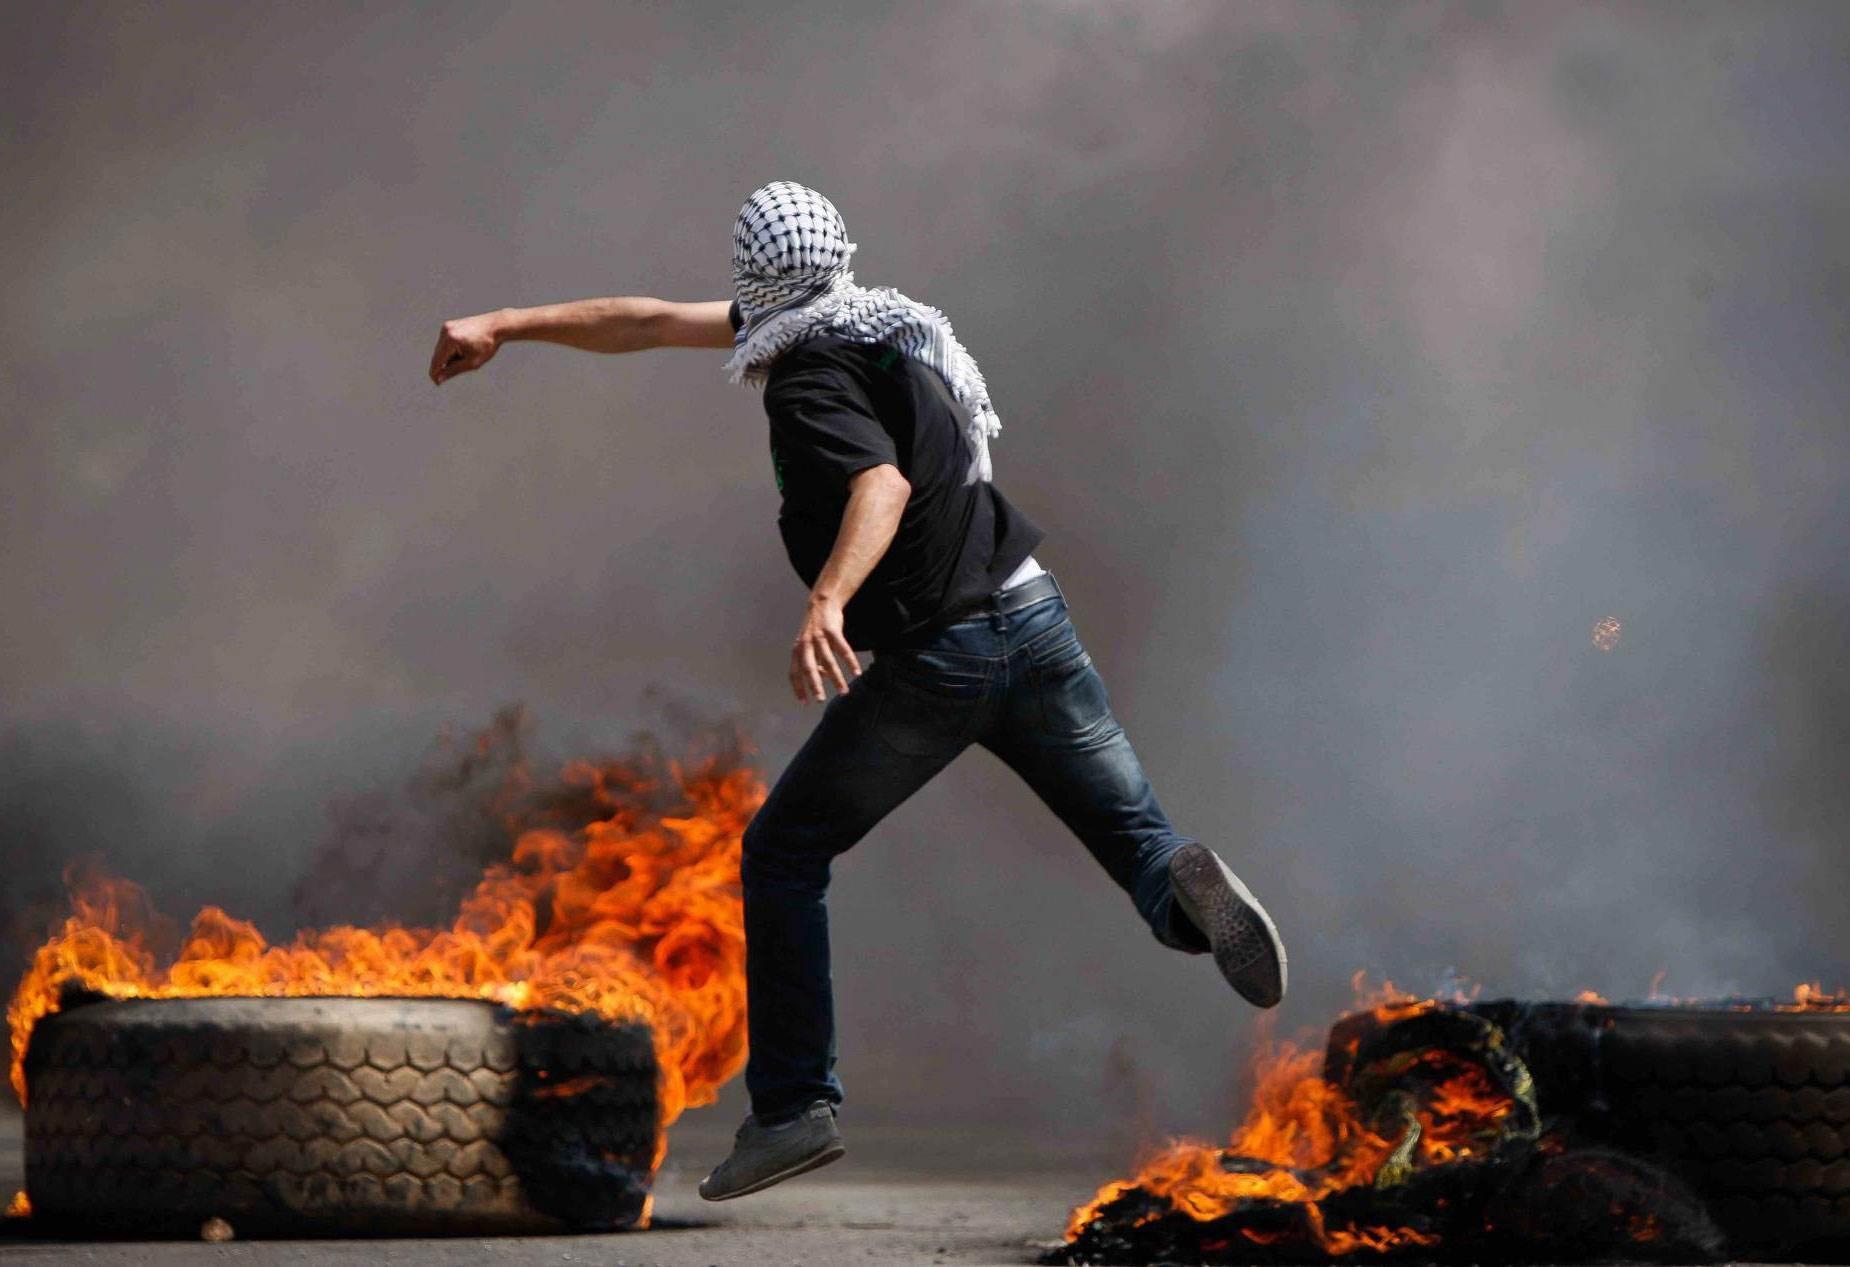 في الذكرى العشرين، لانتفاضة الأقصى, الشعب الفلسطيني يرفض التطبيع